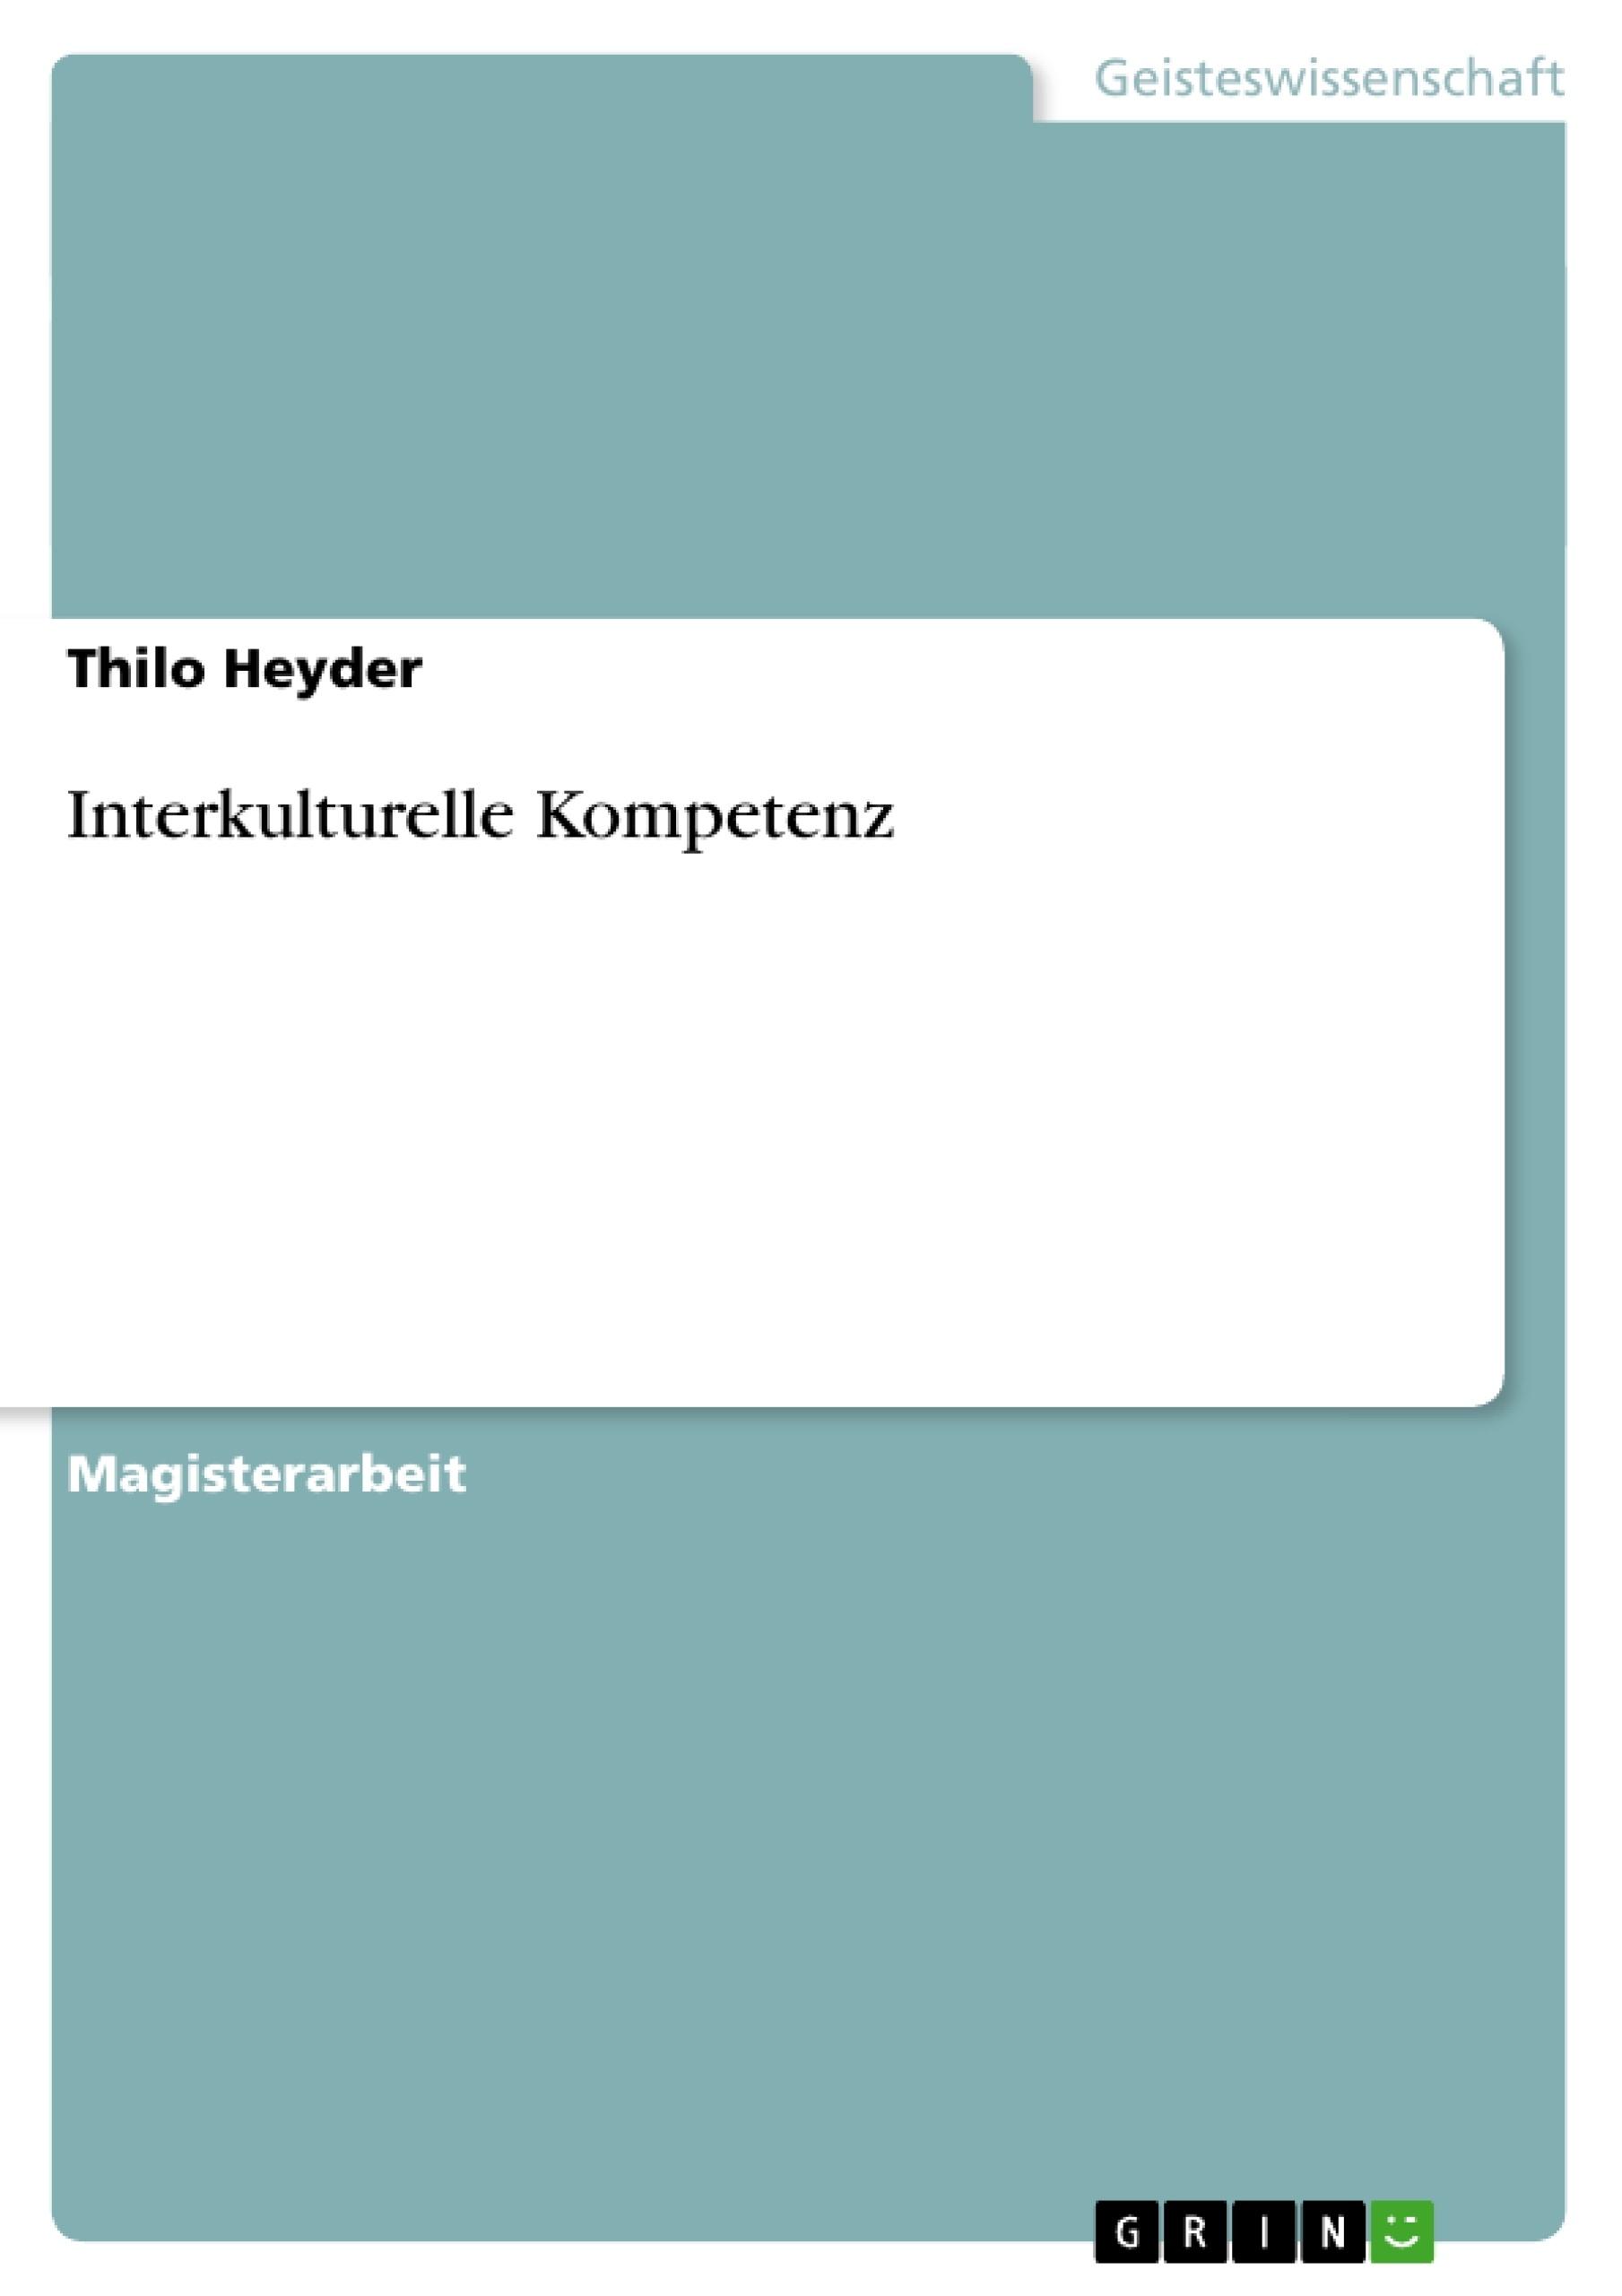 Titel: Interkulturelle Kompetenz